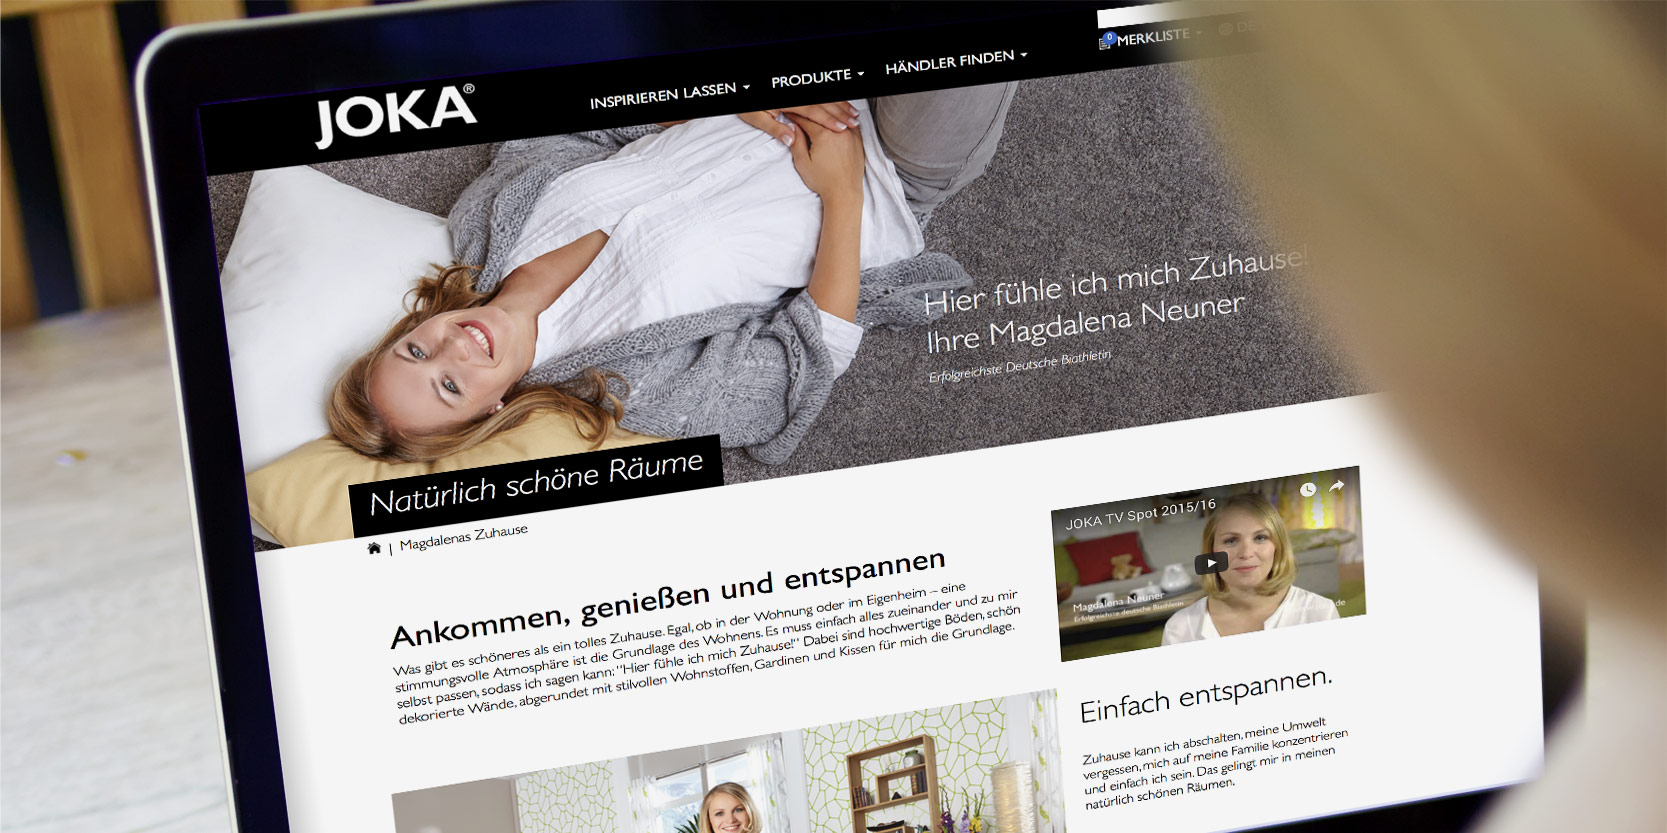 Frau schaut sich die JOKA Website auf dem Laptop an